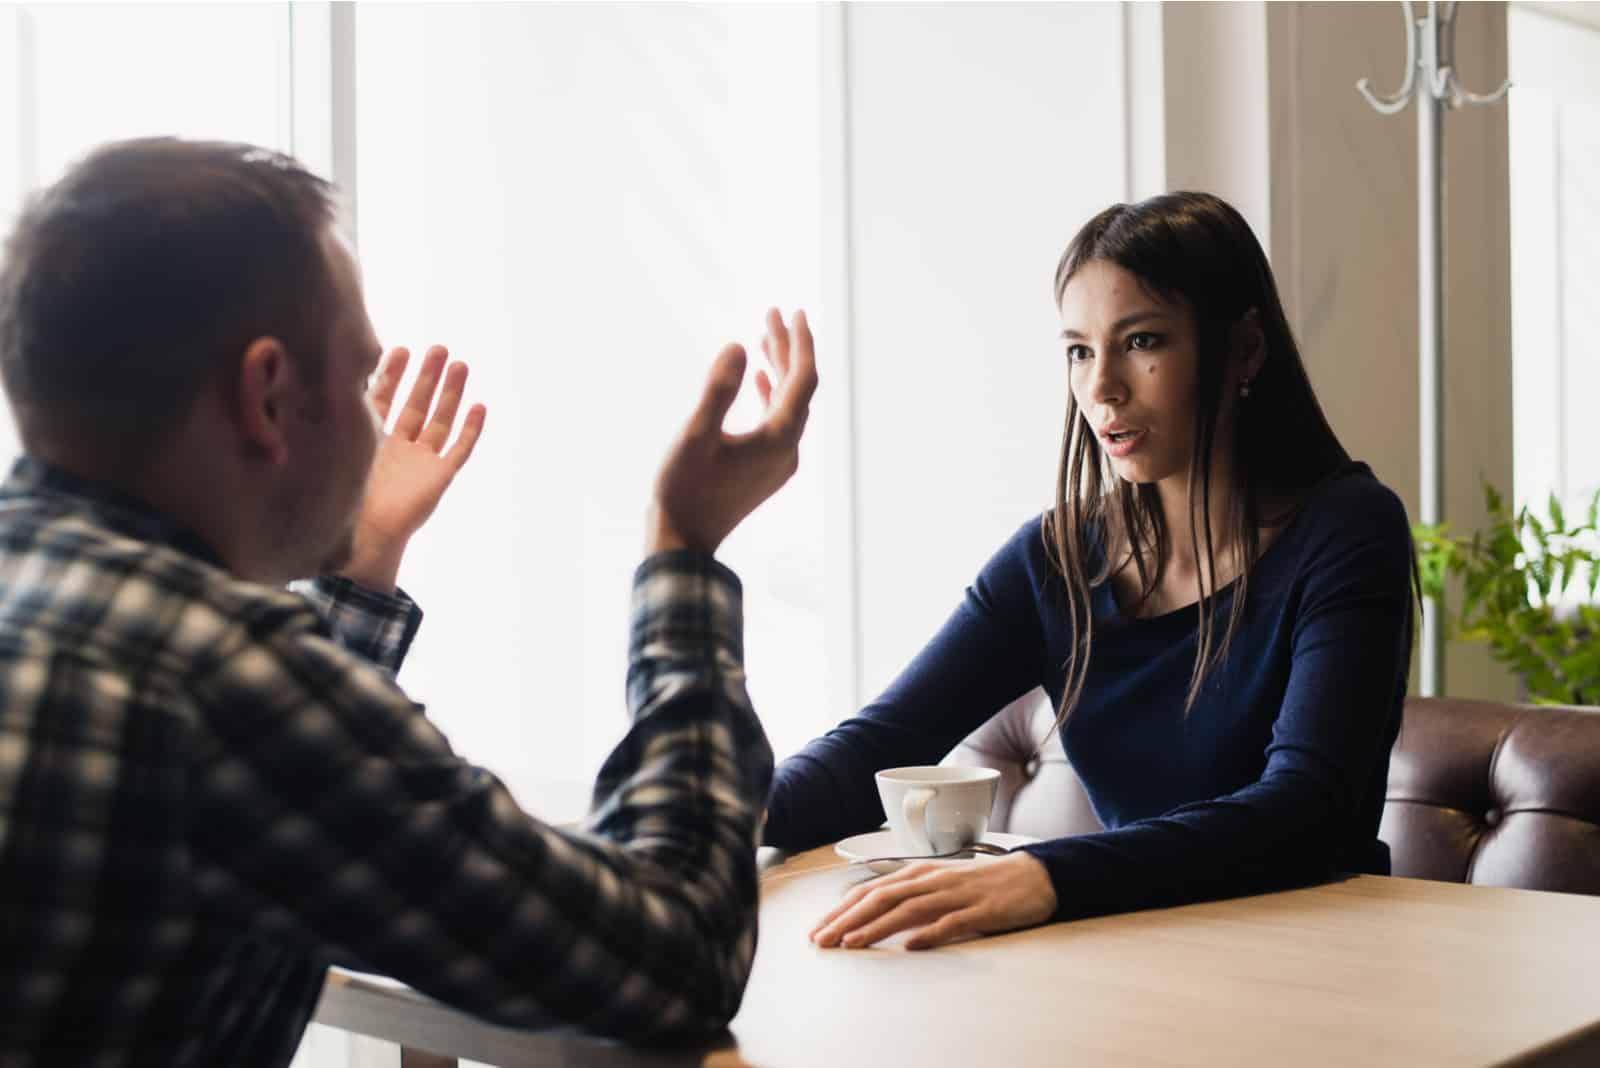 Junges Paar streitet in einem Café